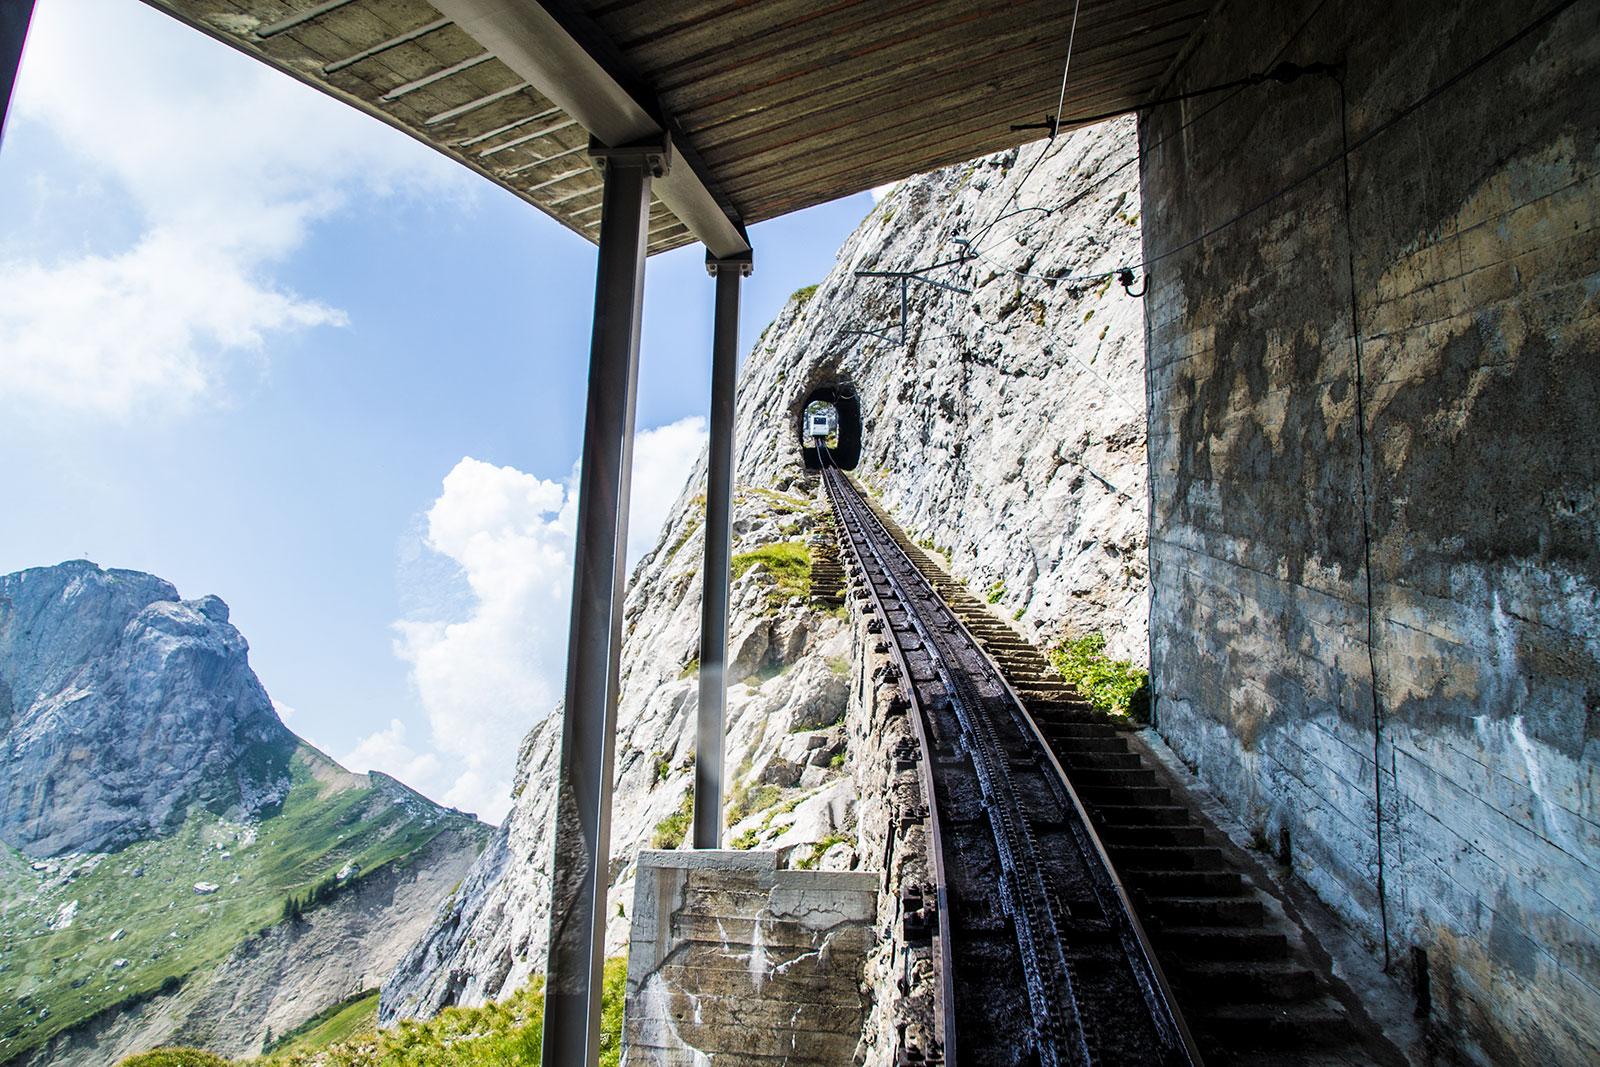 Tren cremallera Pilatus en túnel de piedra - tren cremallera Monte Pilatus